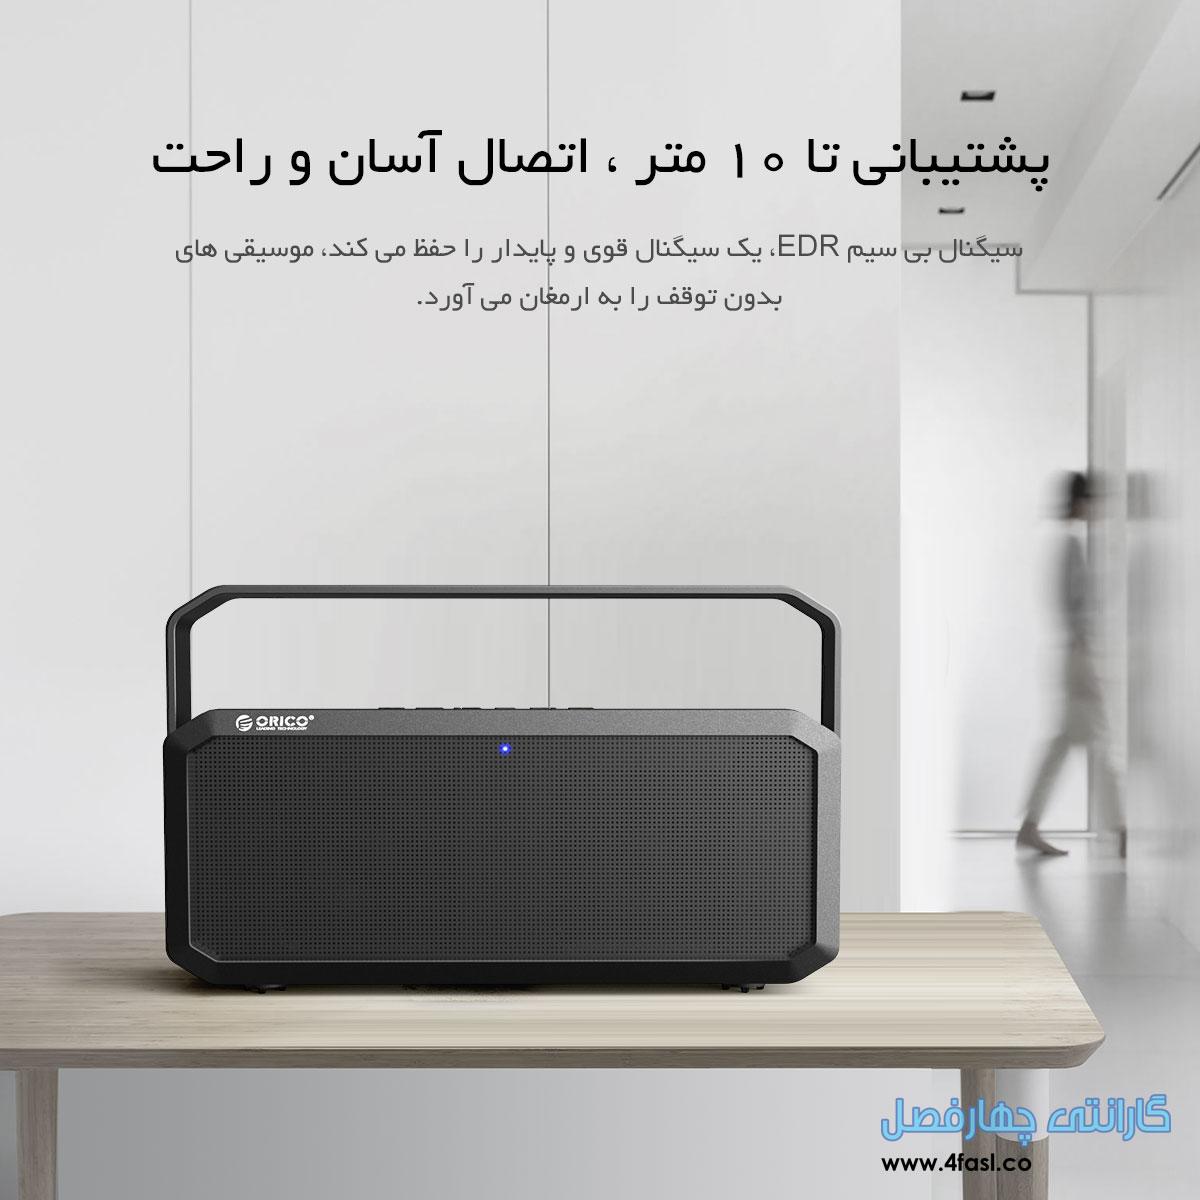 اسپیکر بلوتوثی قابل حمل ضد آب